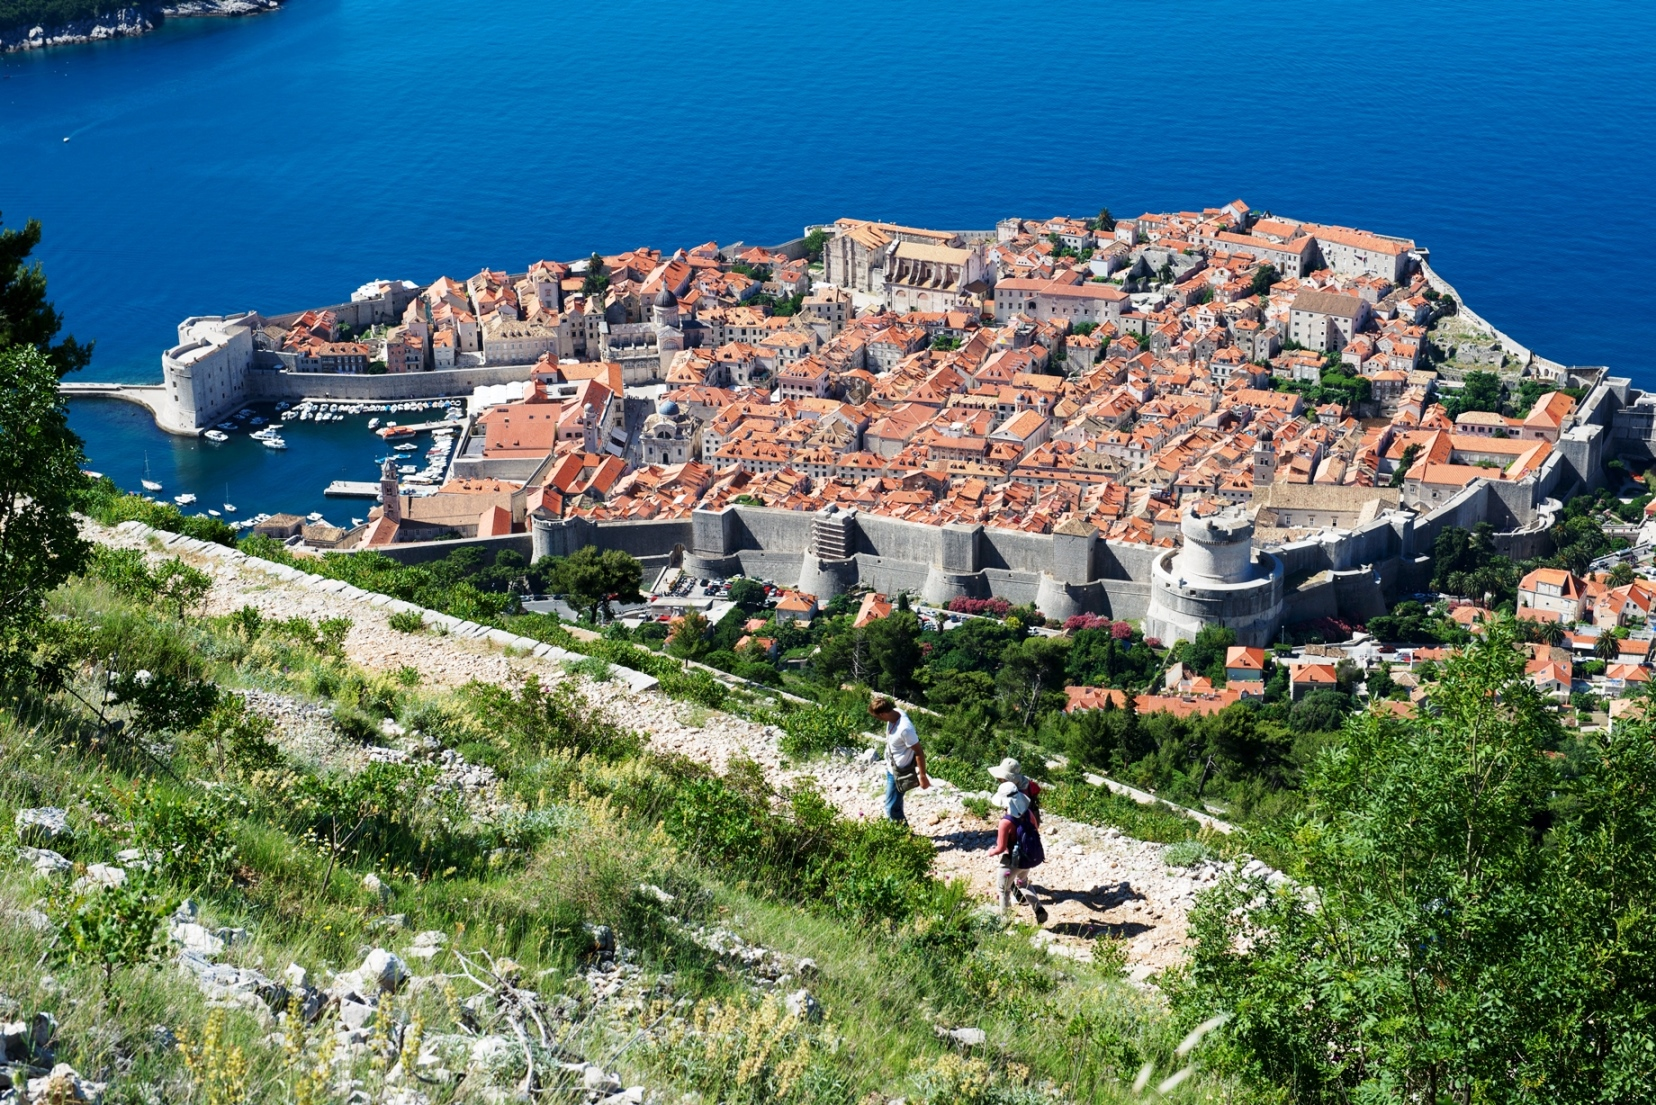 秋のクロアチア・アドリア海沿岸登山とハイキングの休日 9日間